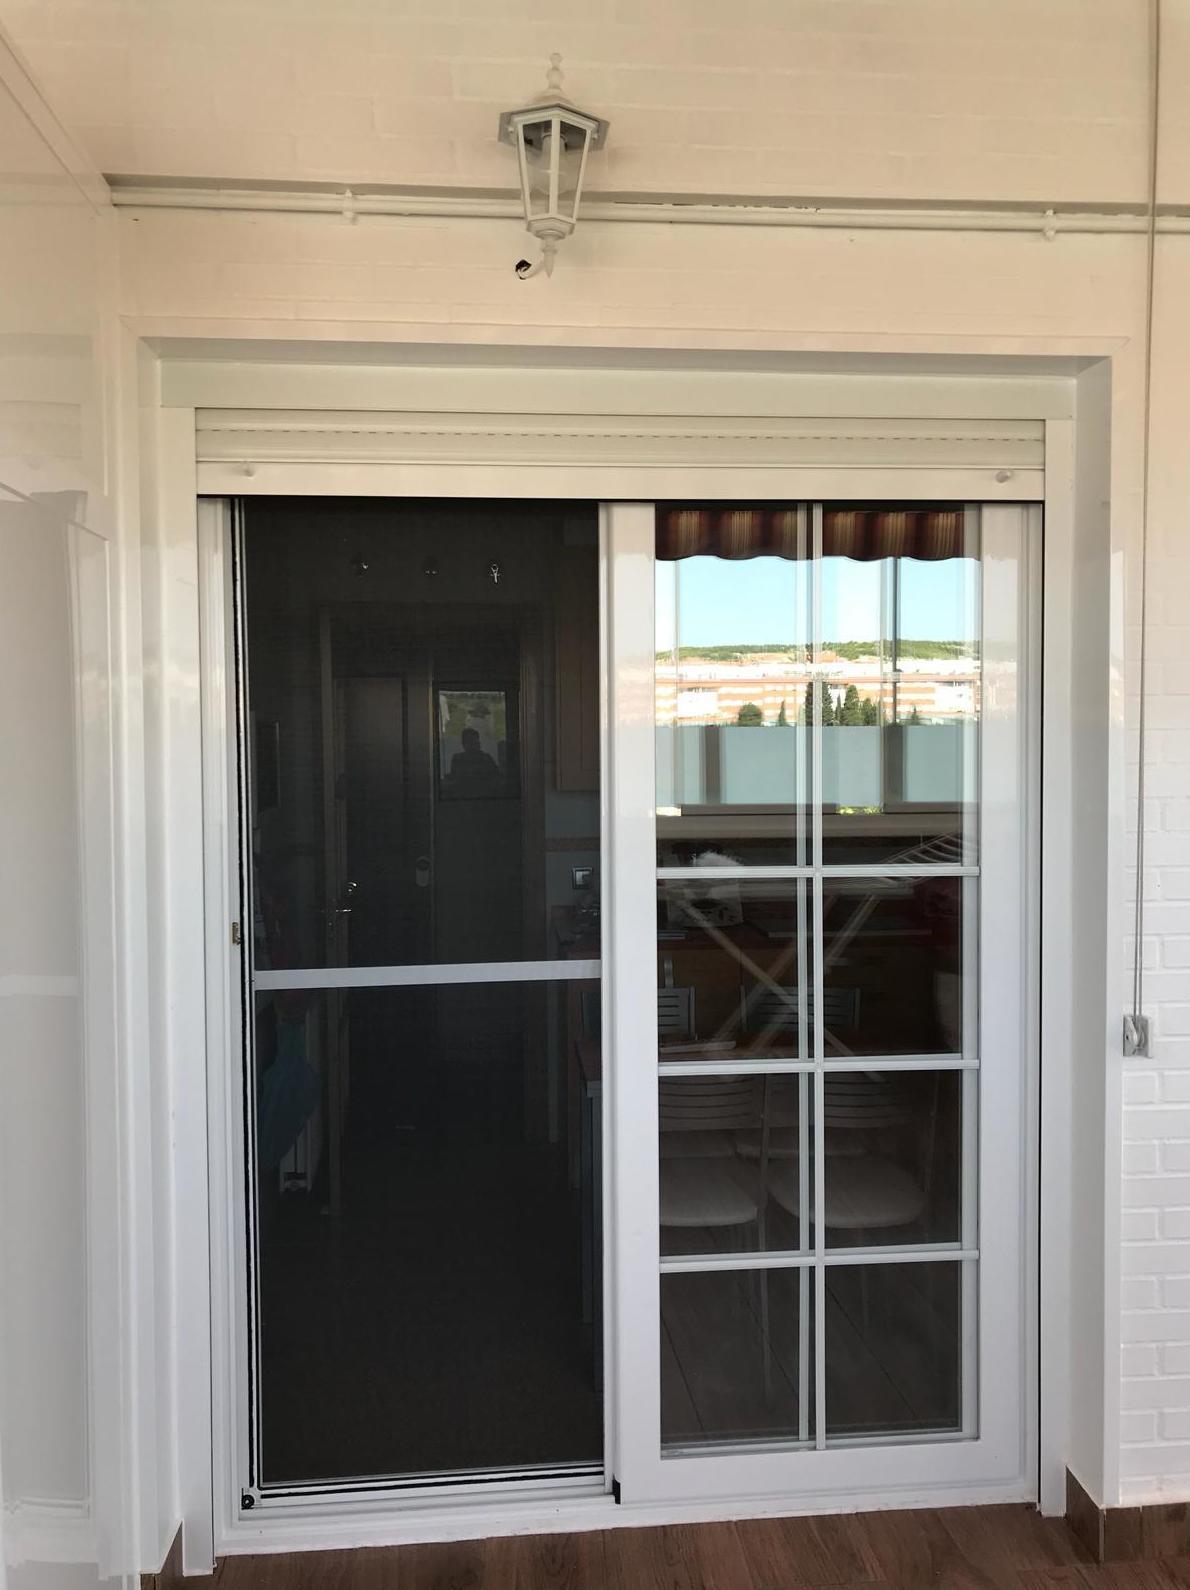 Puerta corredera de dos hojas con persiana y barrotillo ingles